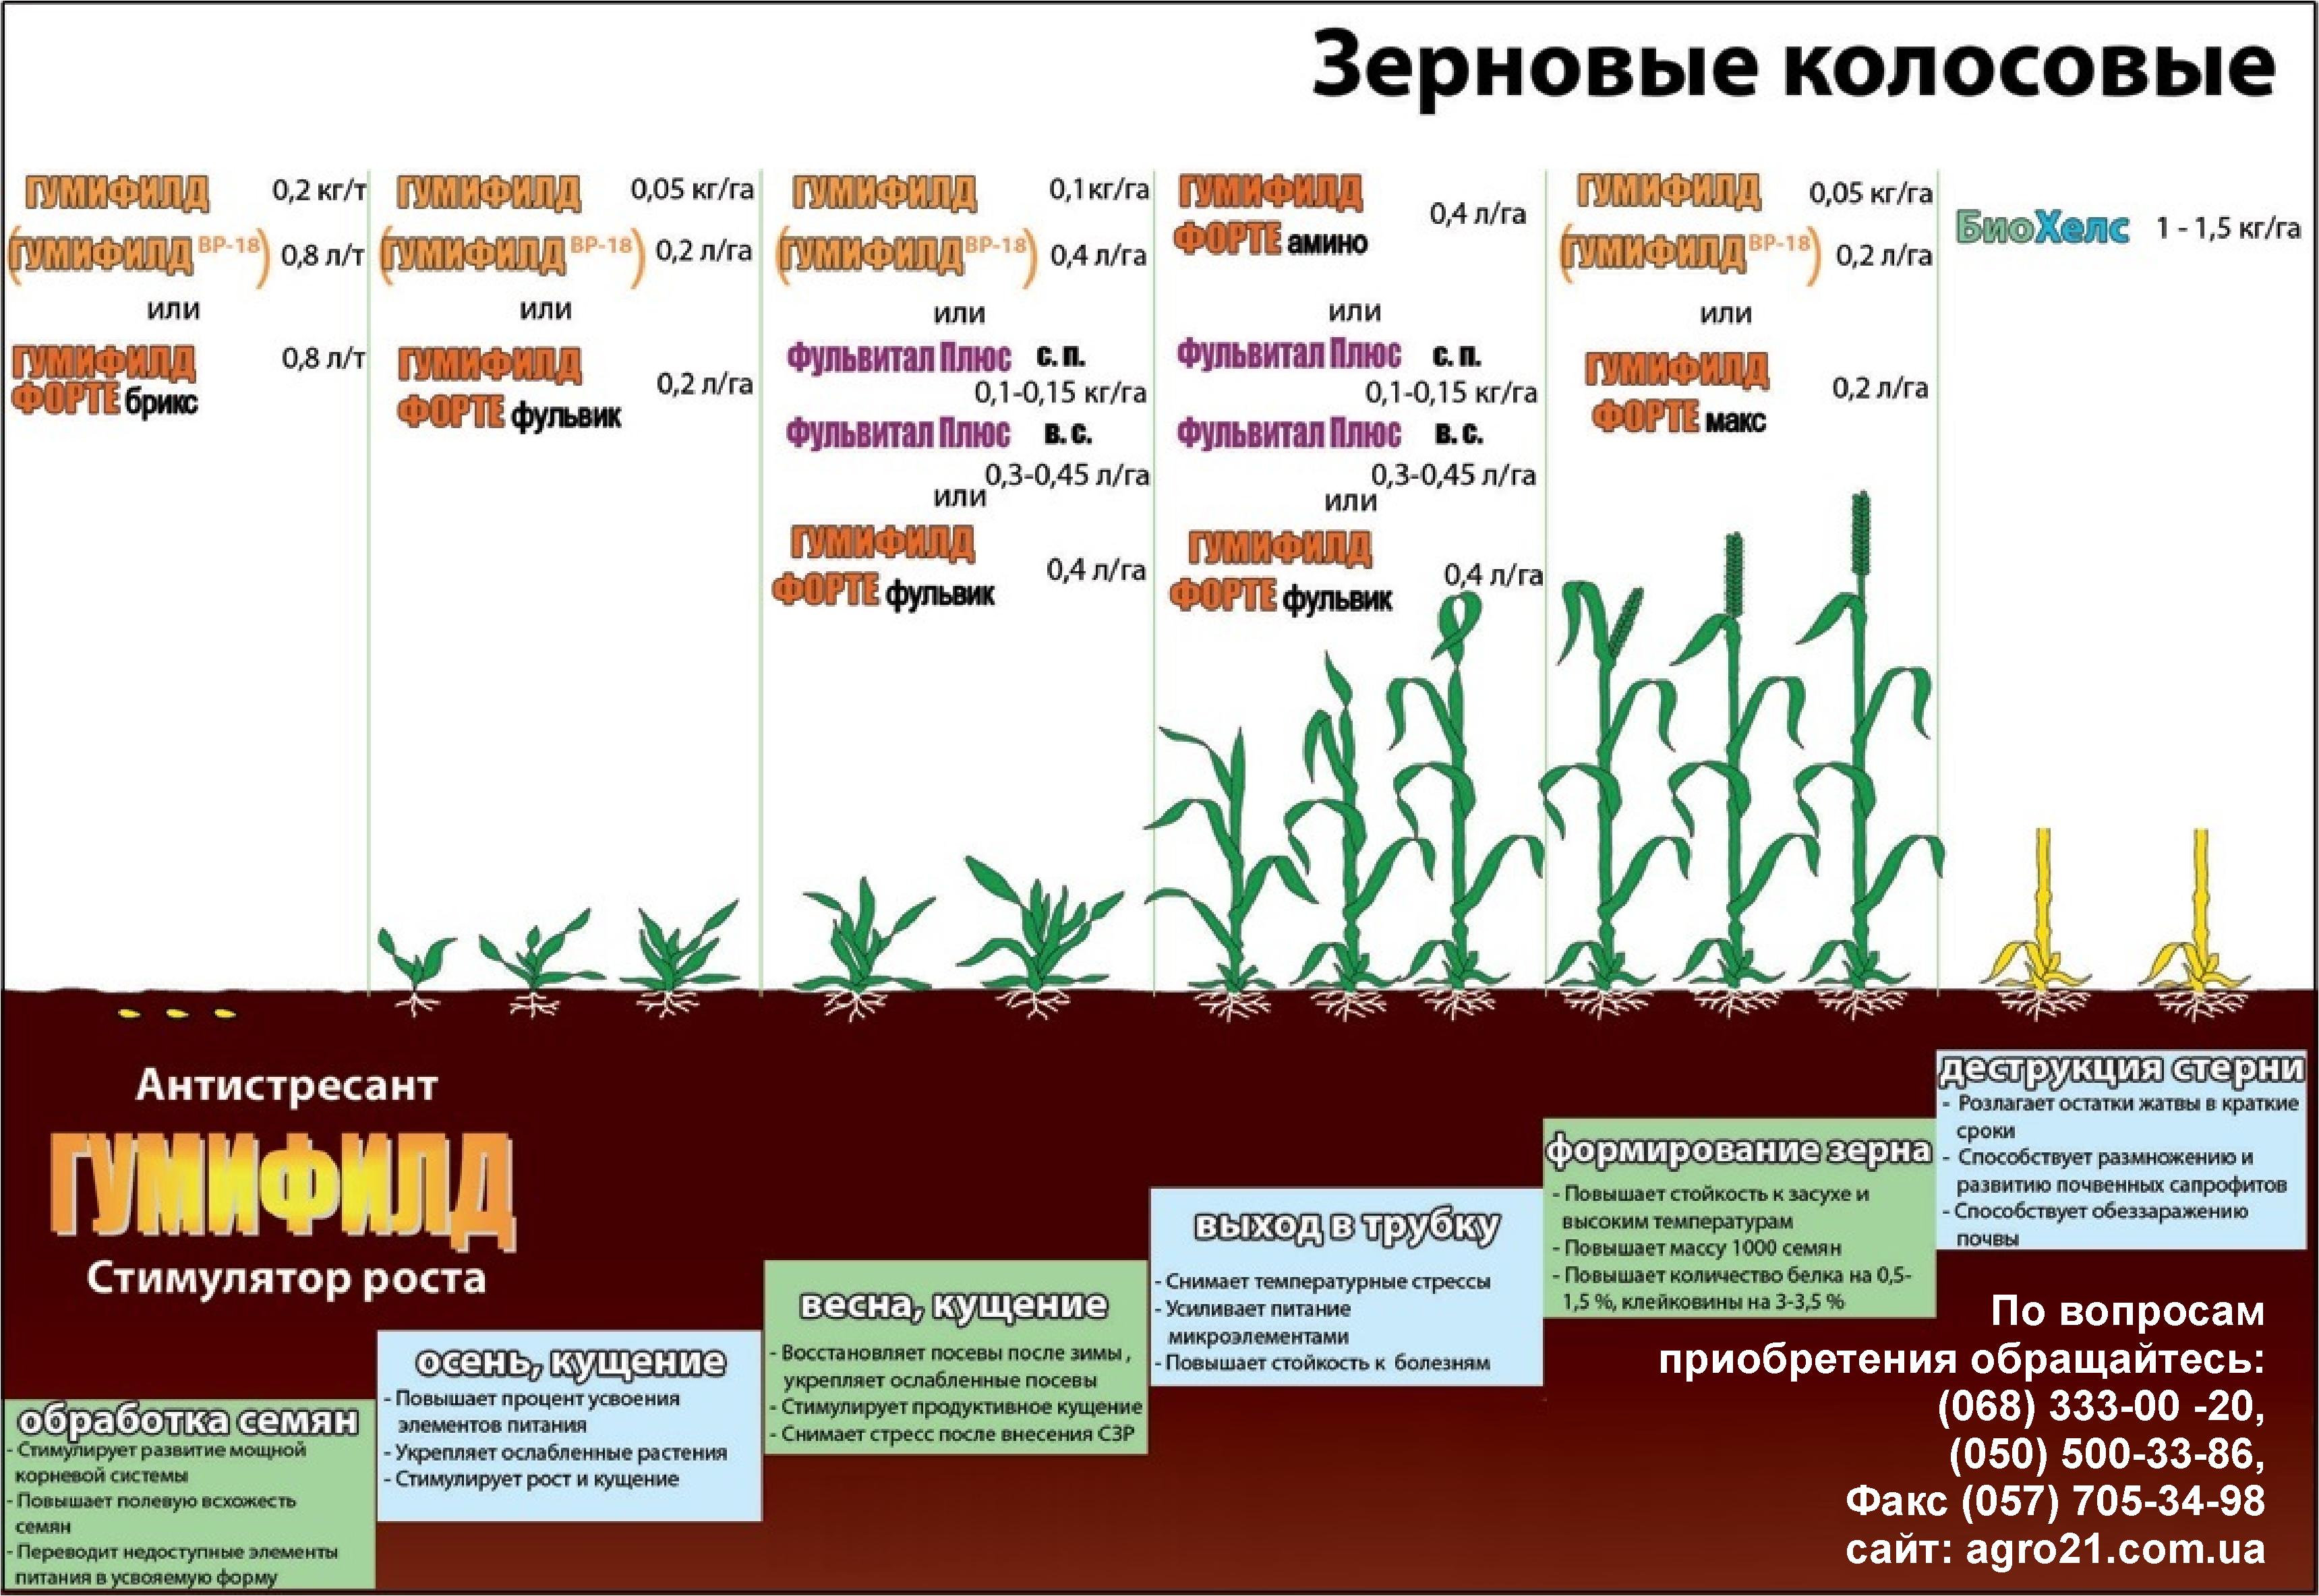 Зерновые колосовые